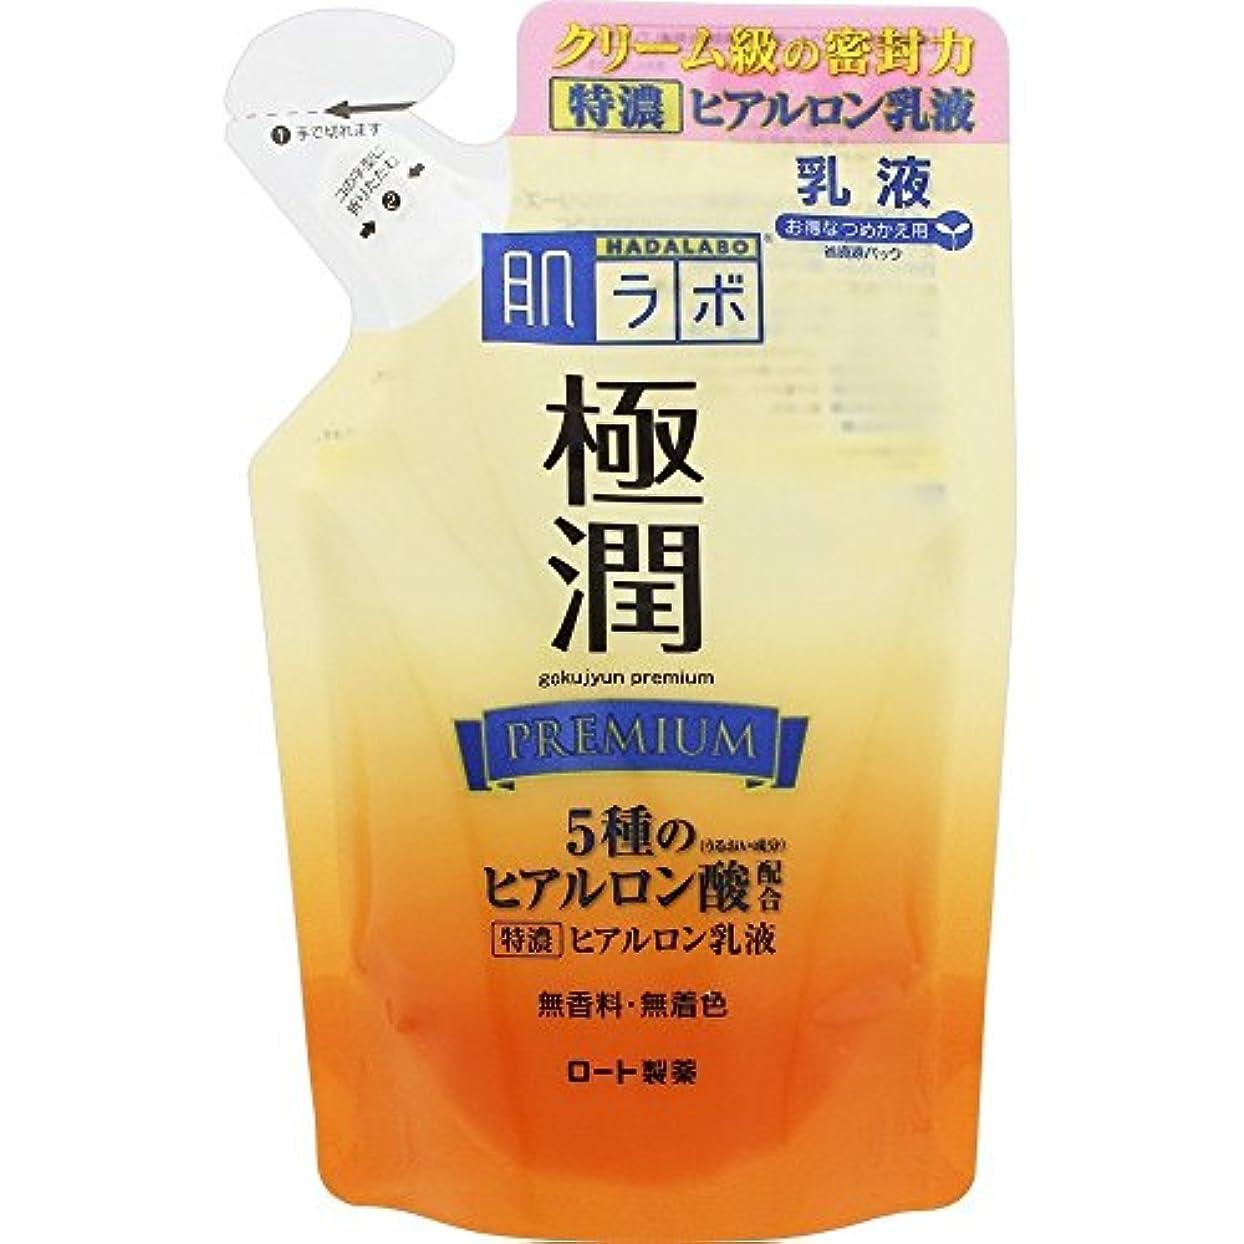 ビジュアル彼らはランデブー肌ラボ 極潤プレミアム ヒアルロン乳液 <つめかえ用> 140mL